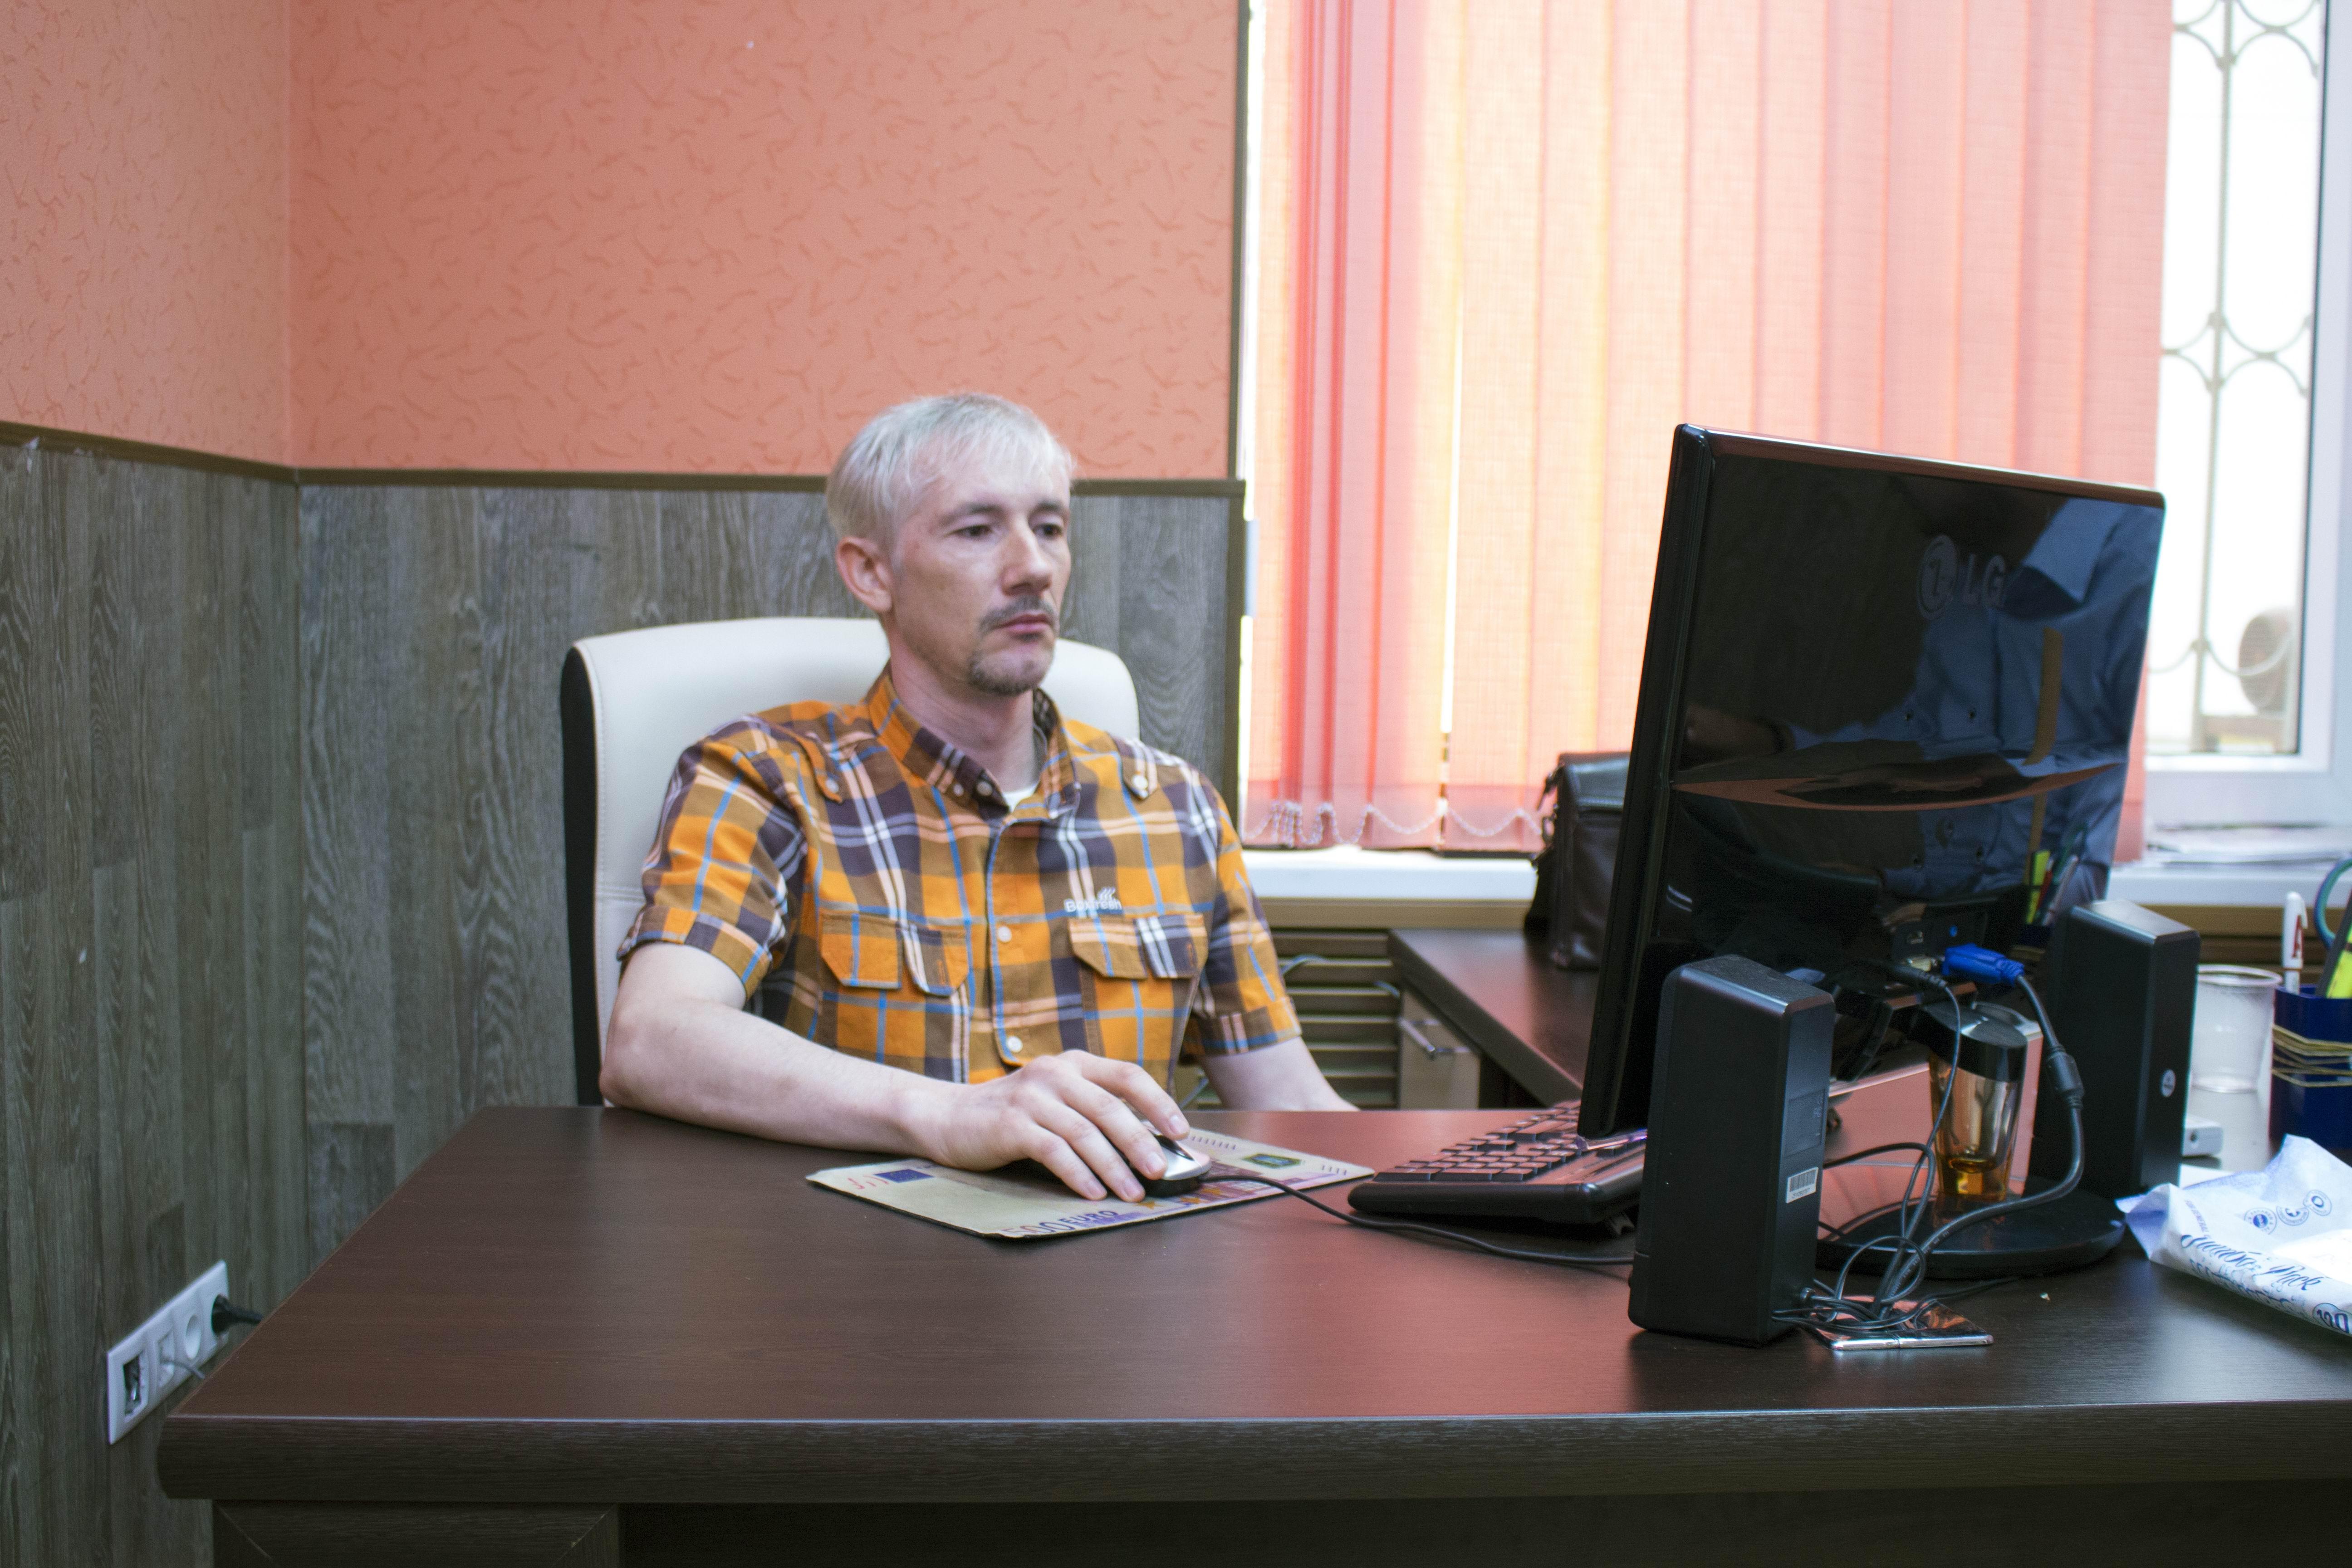 Пректировщик (автокад) Терехов Сергей